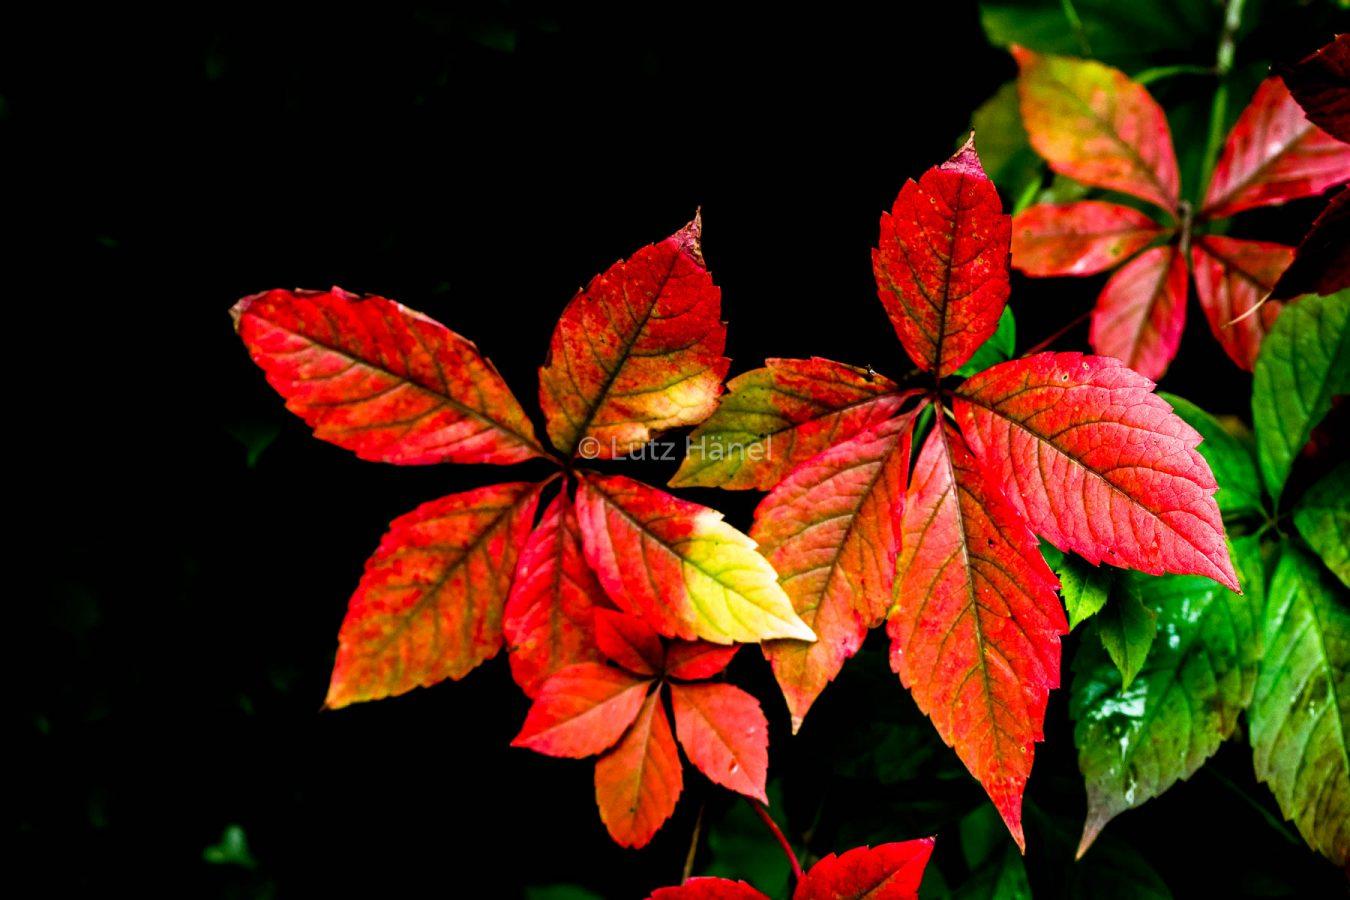 Herbst beginn wird sichtbar